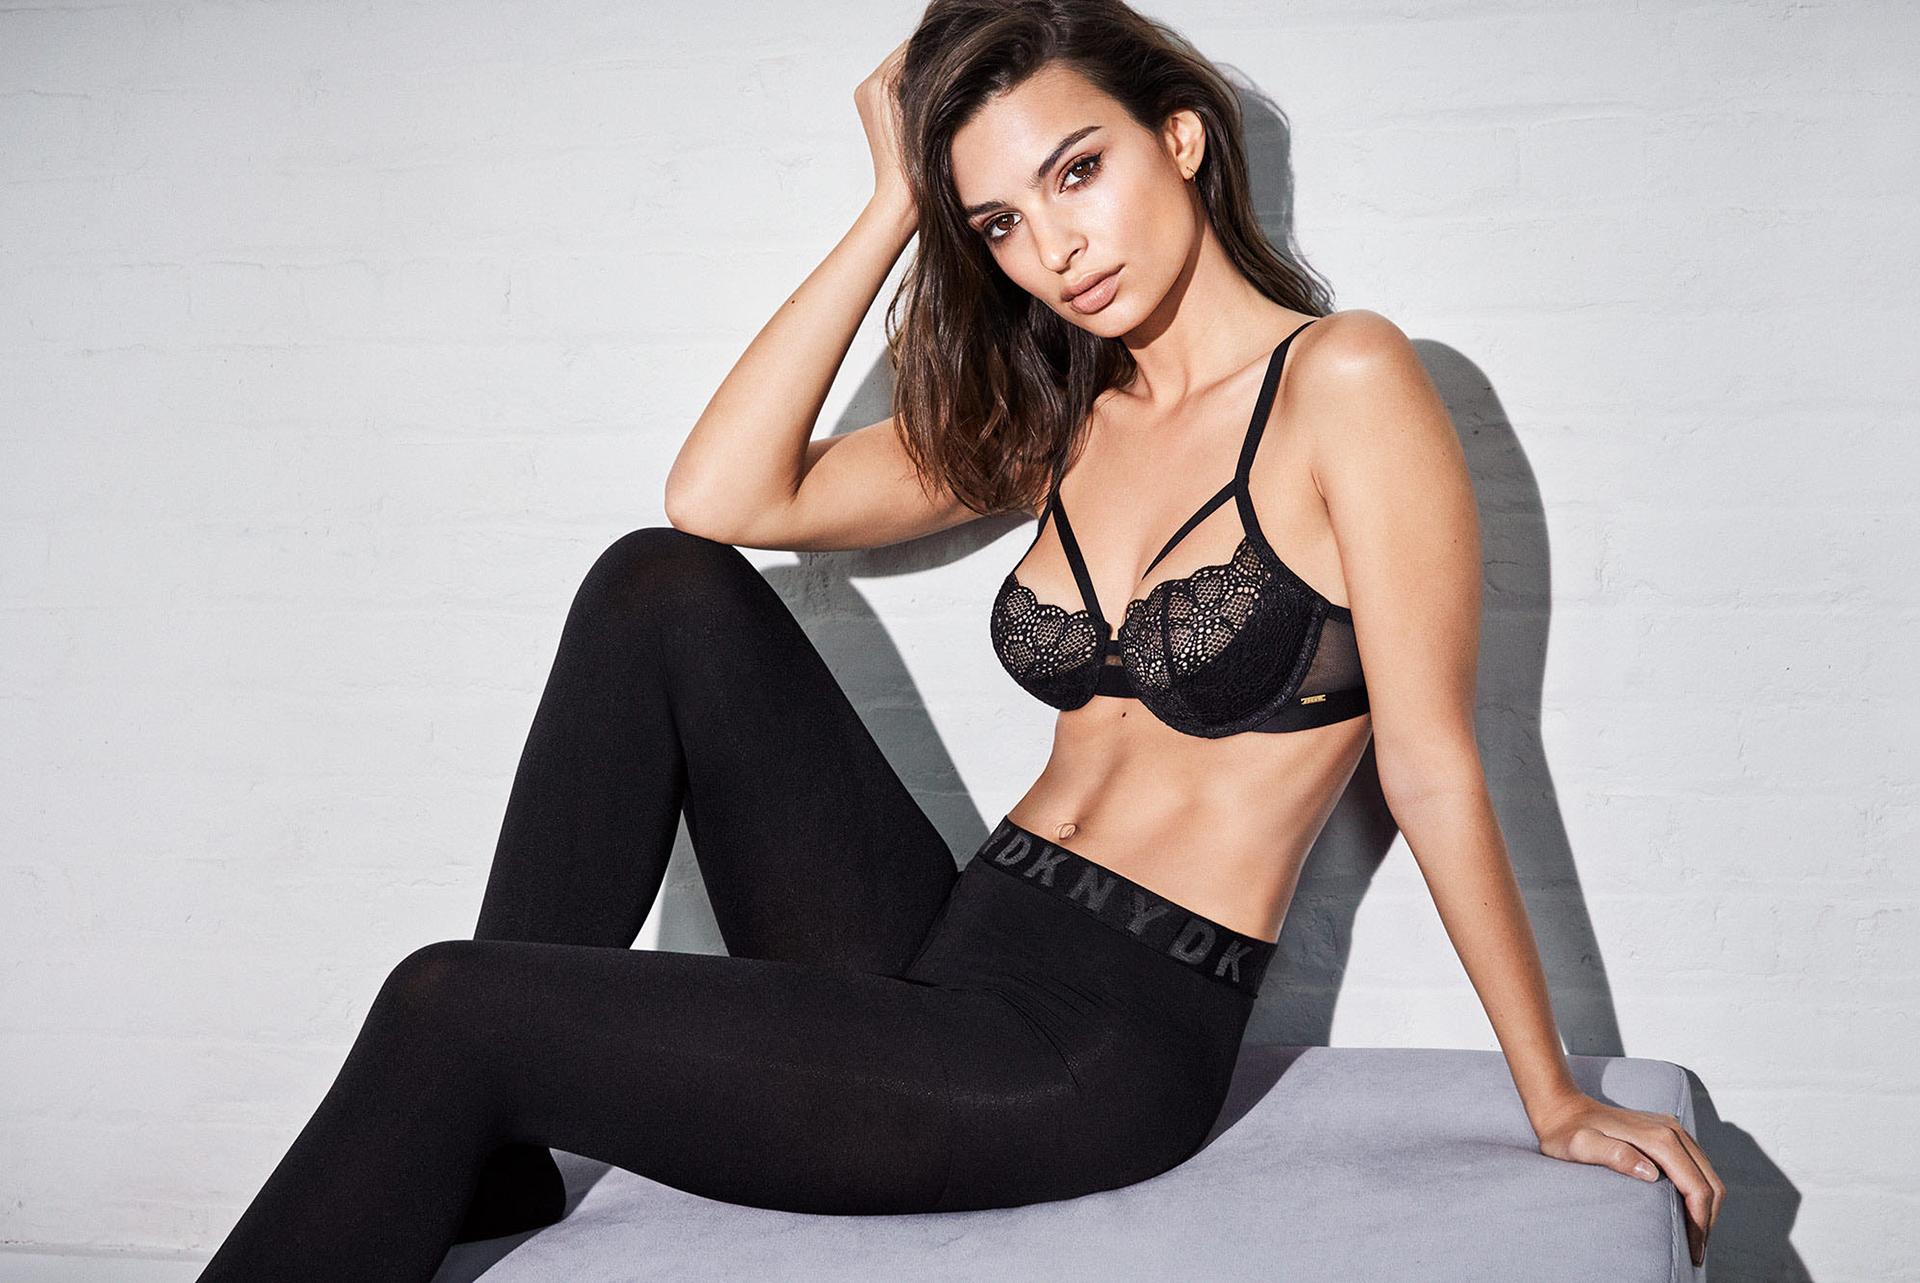 No solo hay lencería sexy, también calzas negras con elástico con las iniciales de la marca DKNY. El modelo de este corpiño es una tendencia en lencería que no deja de sorprender. Un clásico con encaje y puntilla, y breteles cruzados en la delantera